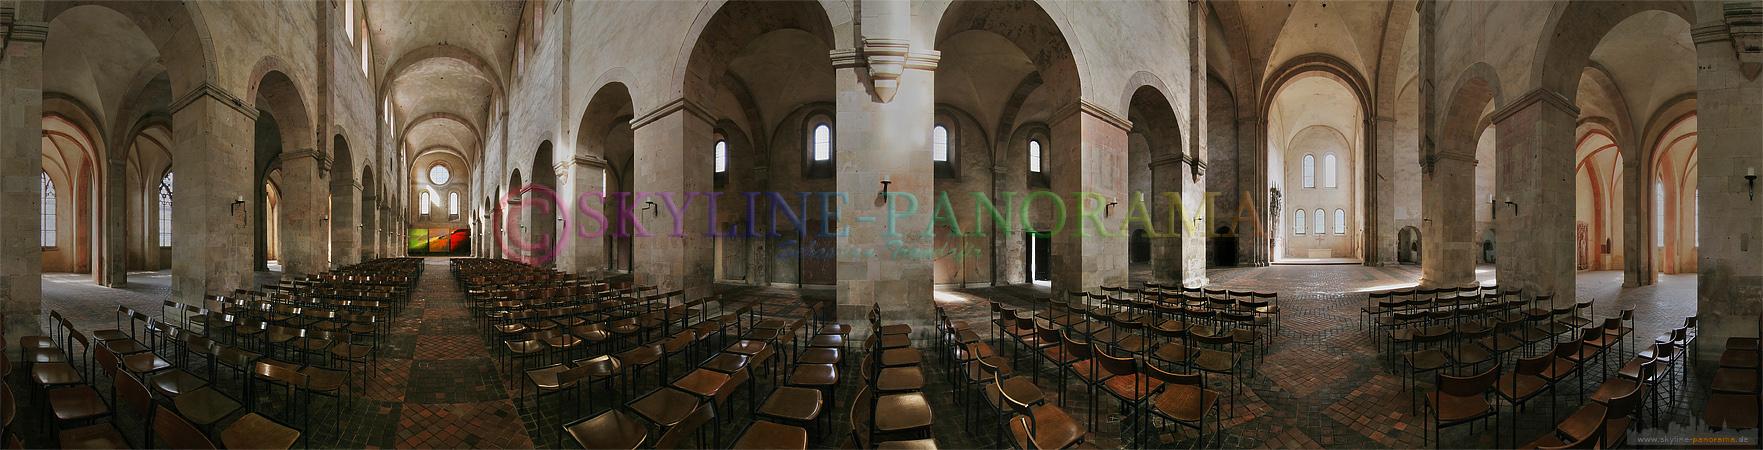 Panorama Bild - In der Klosterkirche des Kloster Eberbach finden über das Jahr verteilt zahlreiche kulturelle Veranstaltungen statt.